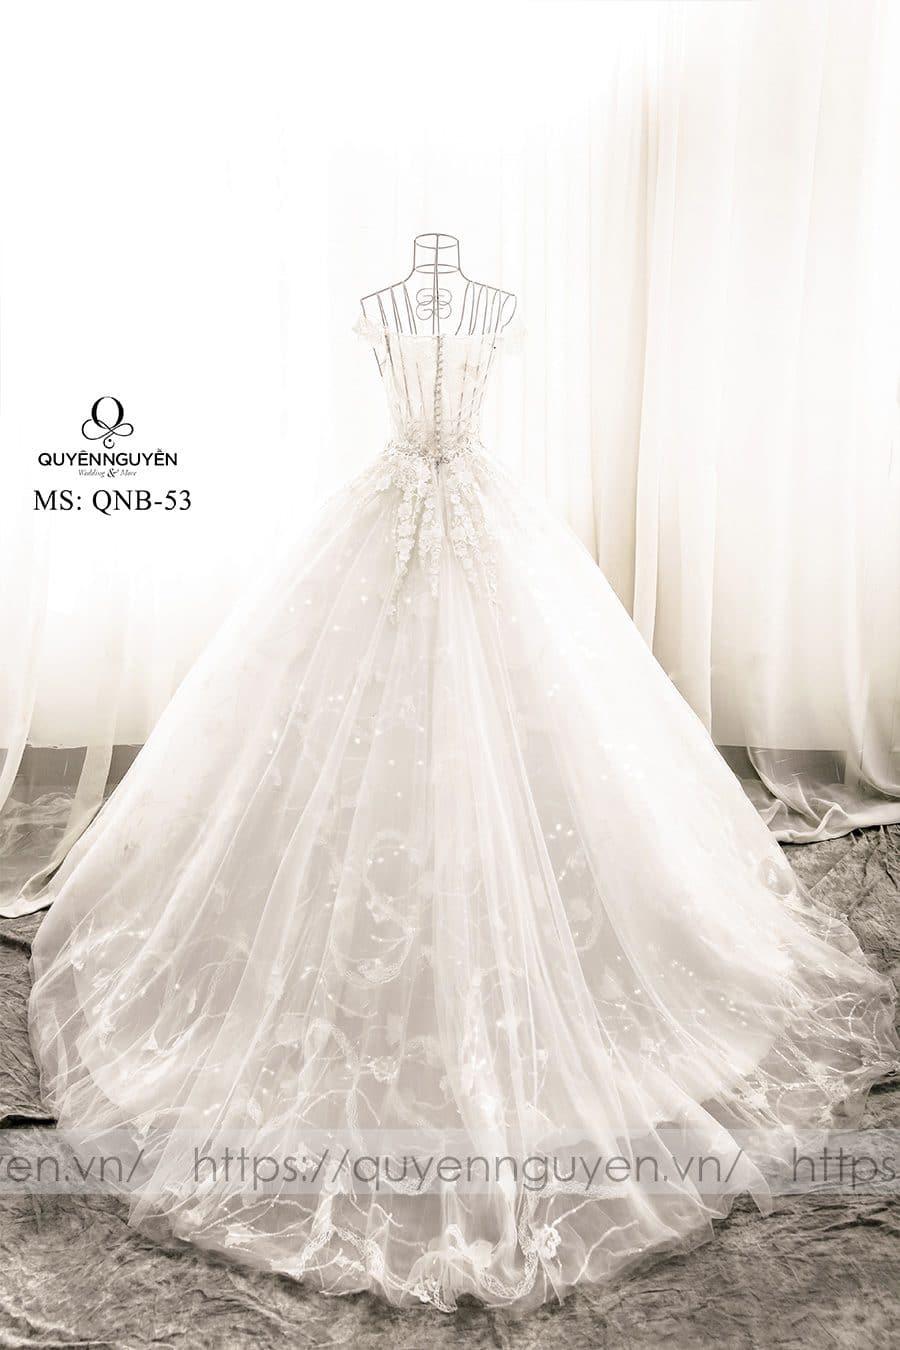 5 mẫu váy cưới 2 trong 1 tiết kiệm chi phí cho cô dâu